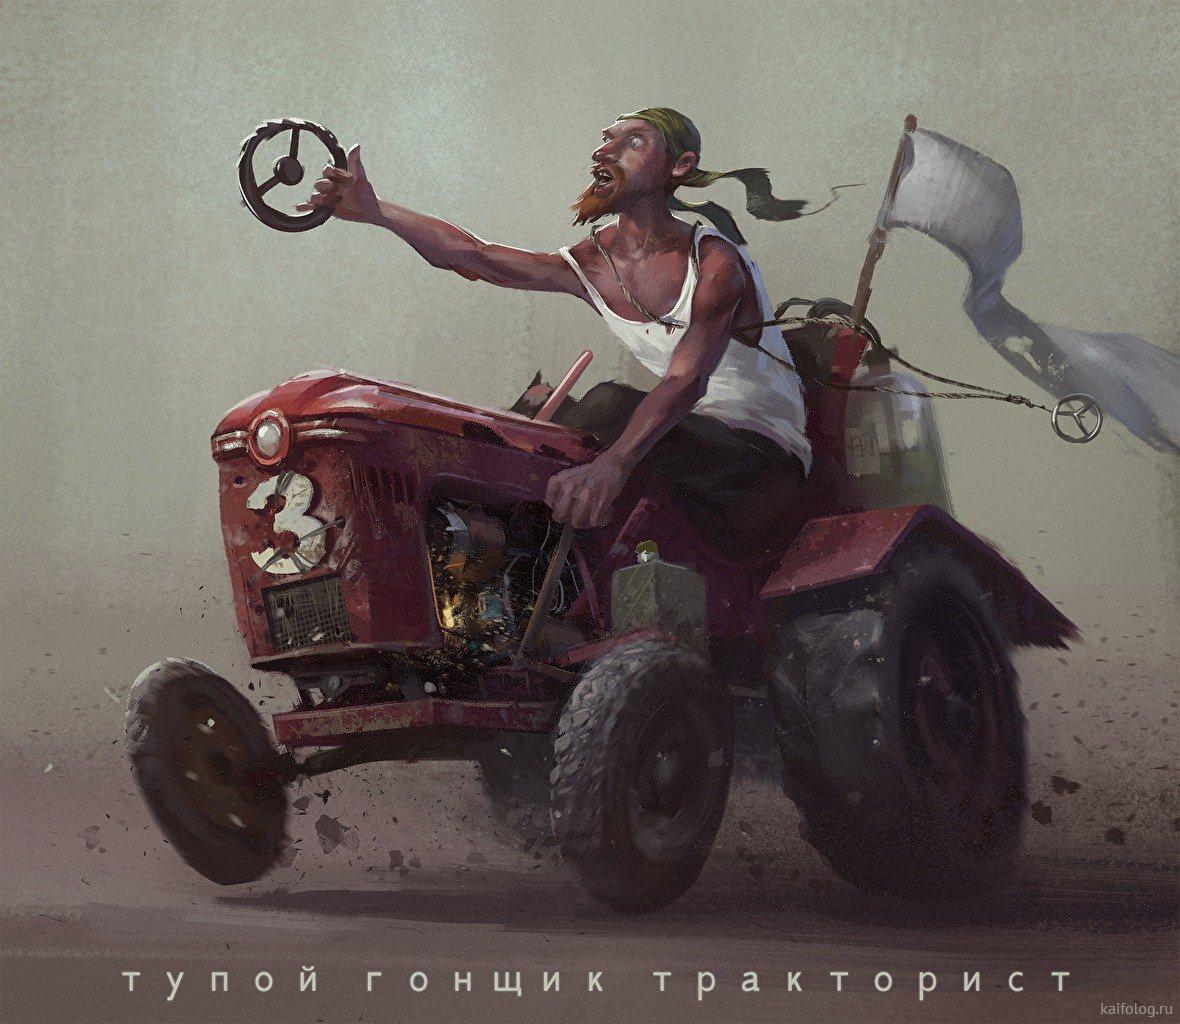 название прикольные картинки про тракториста вызывает мужчин агрессию